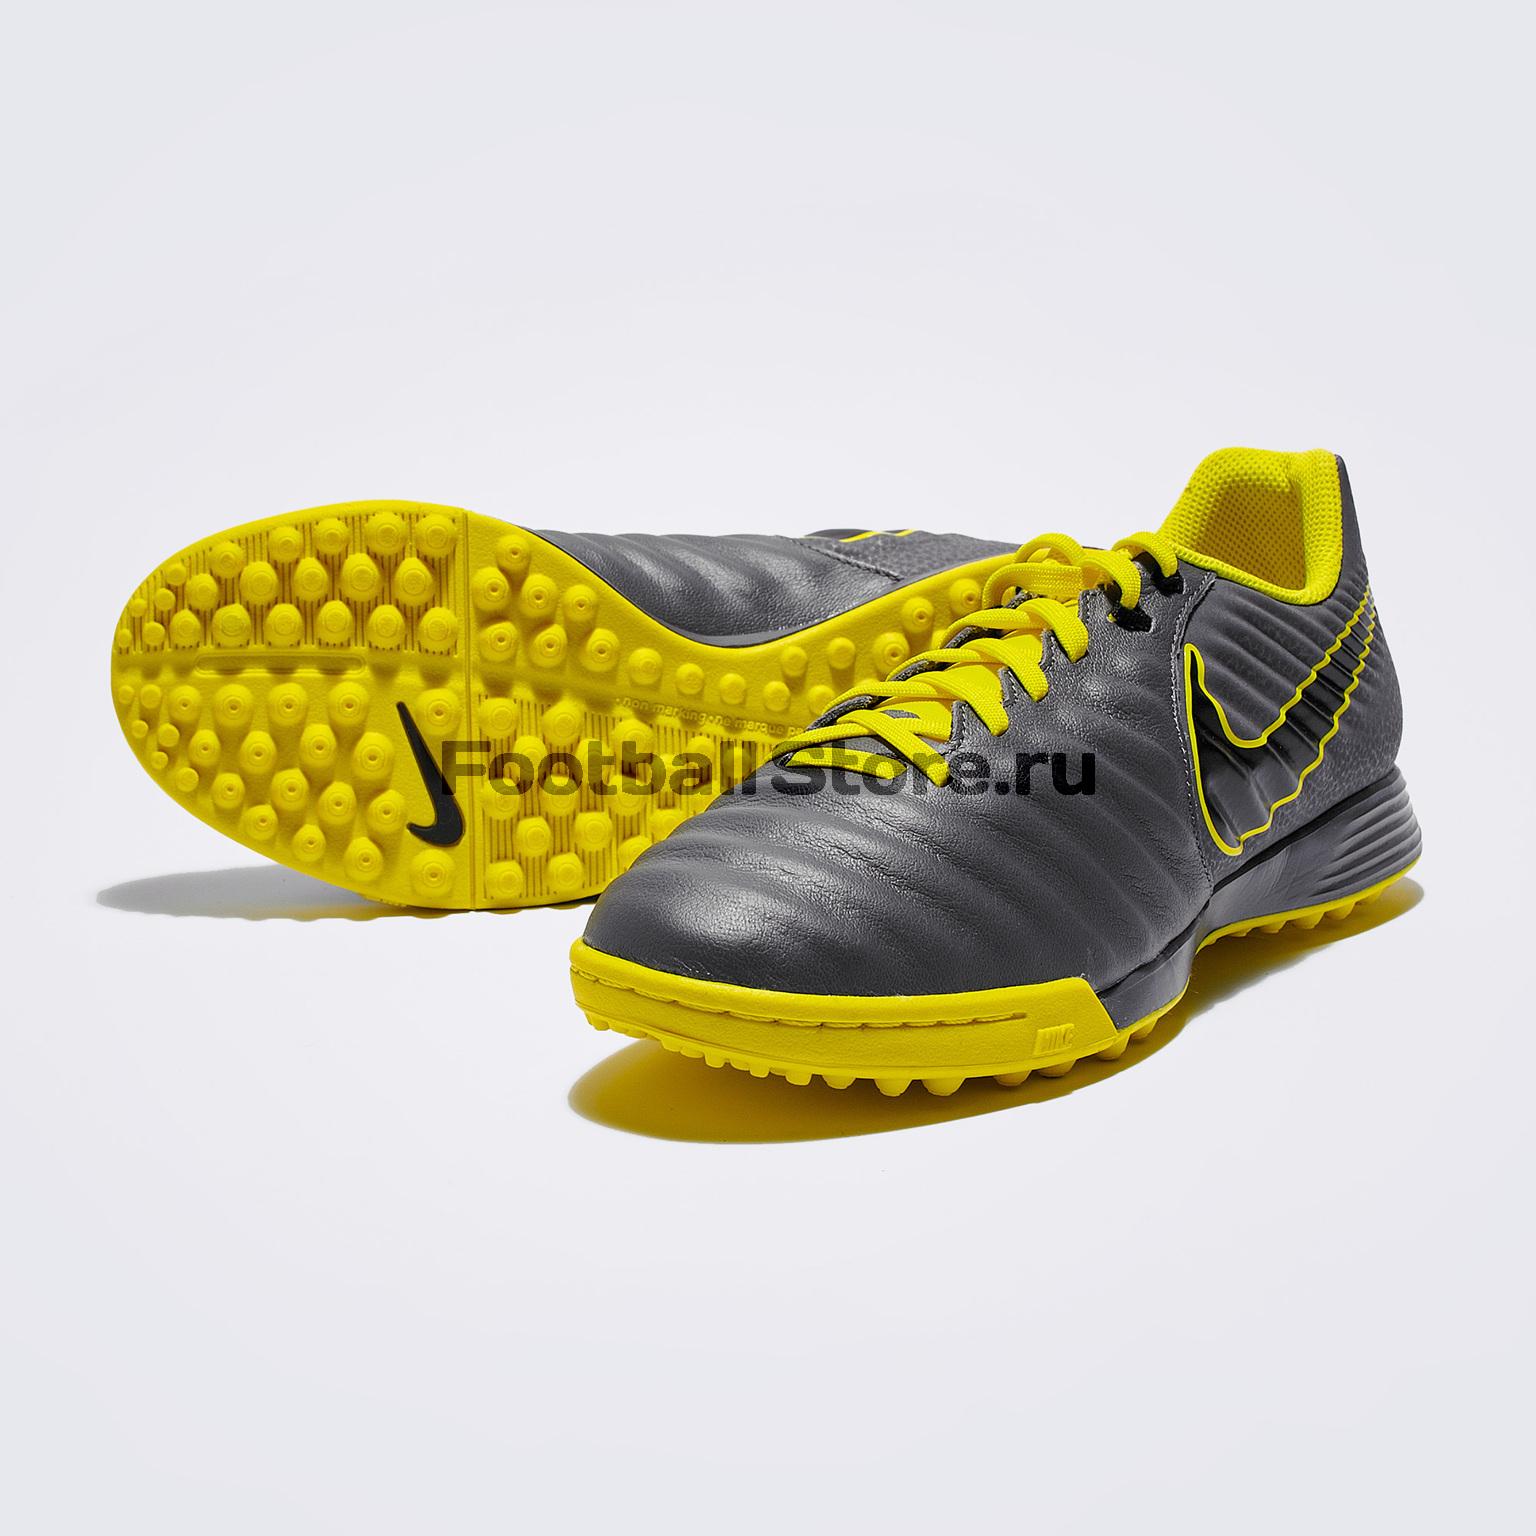 купить Шиповки Nike LegendX 7 Academy TF AH7243-070 по цене 2999 рублей